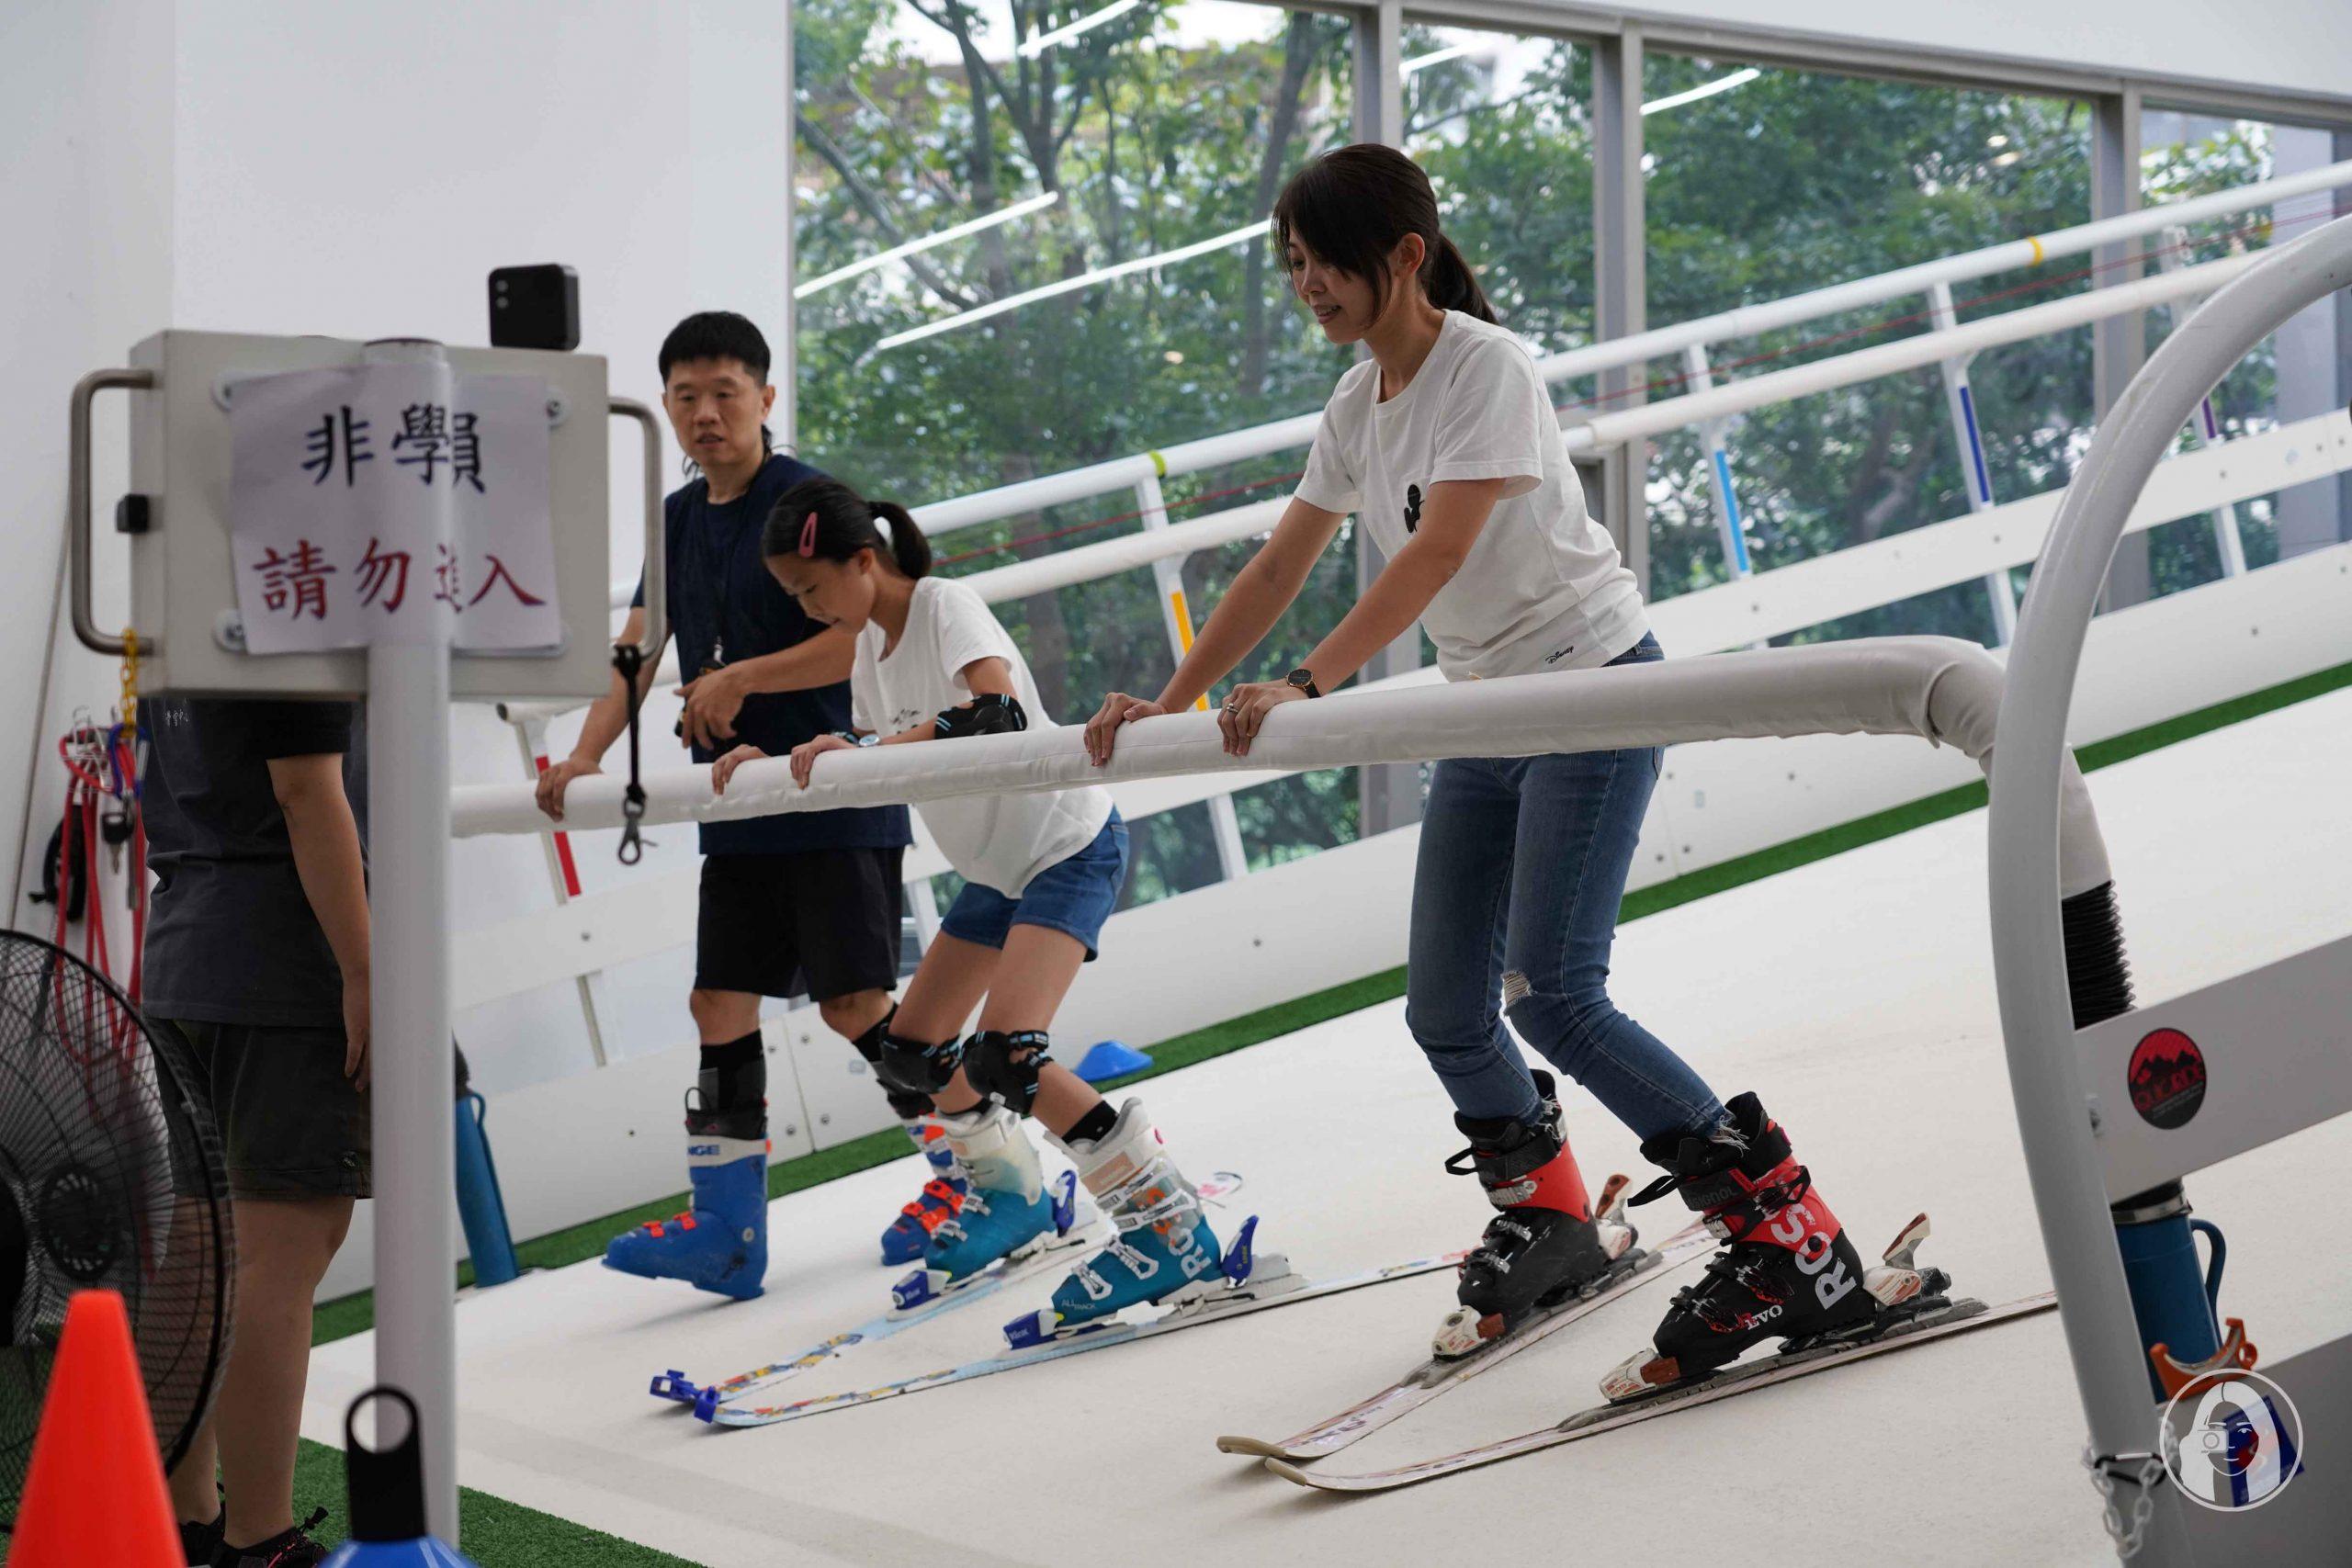 滑遍天下滑雪中心 家庭滑雪